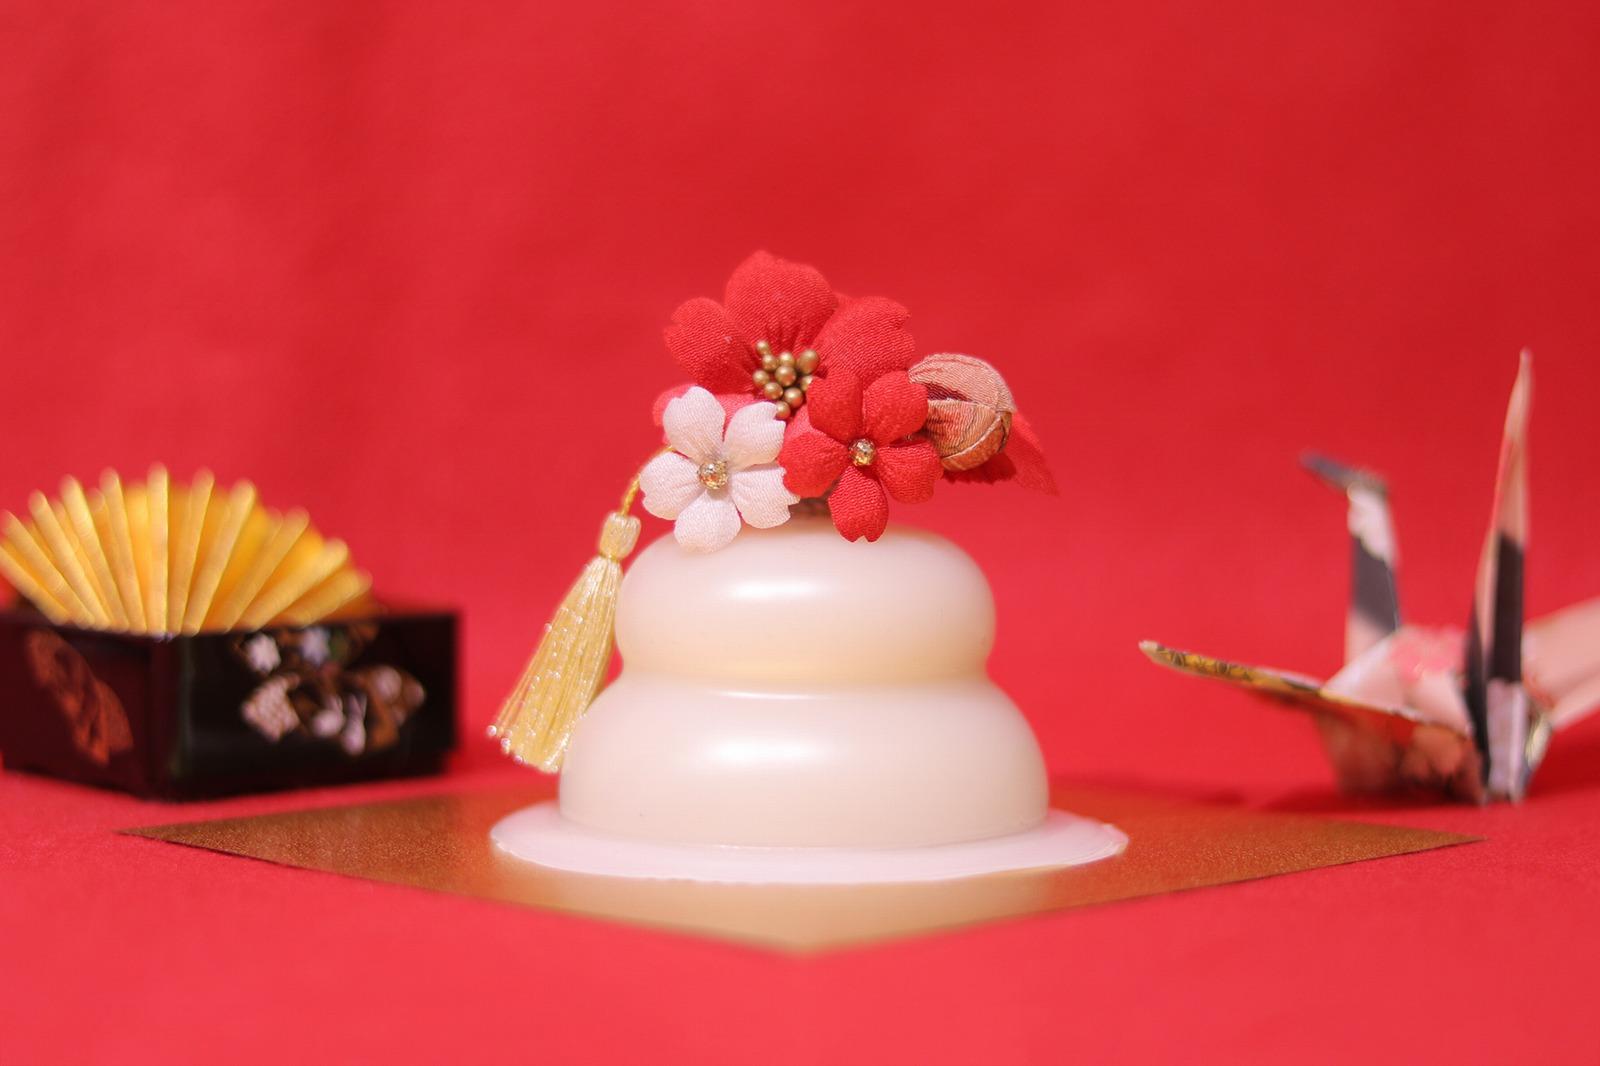 香川の結婚式場のシェルエメール&アイスタイルの和装